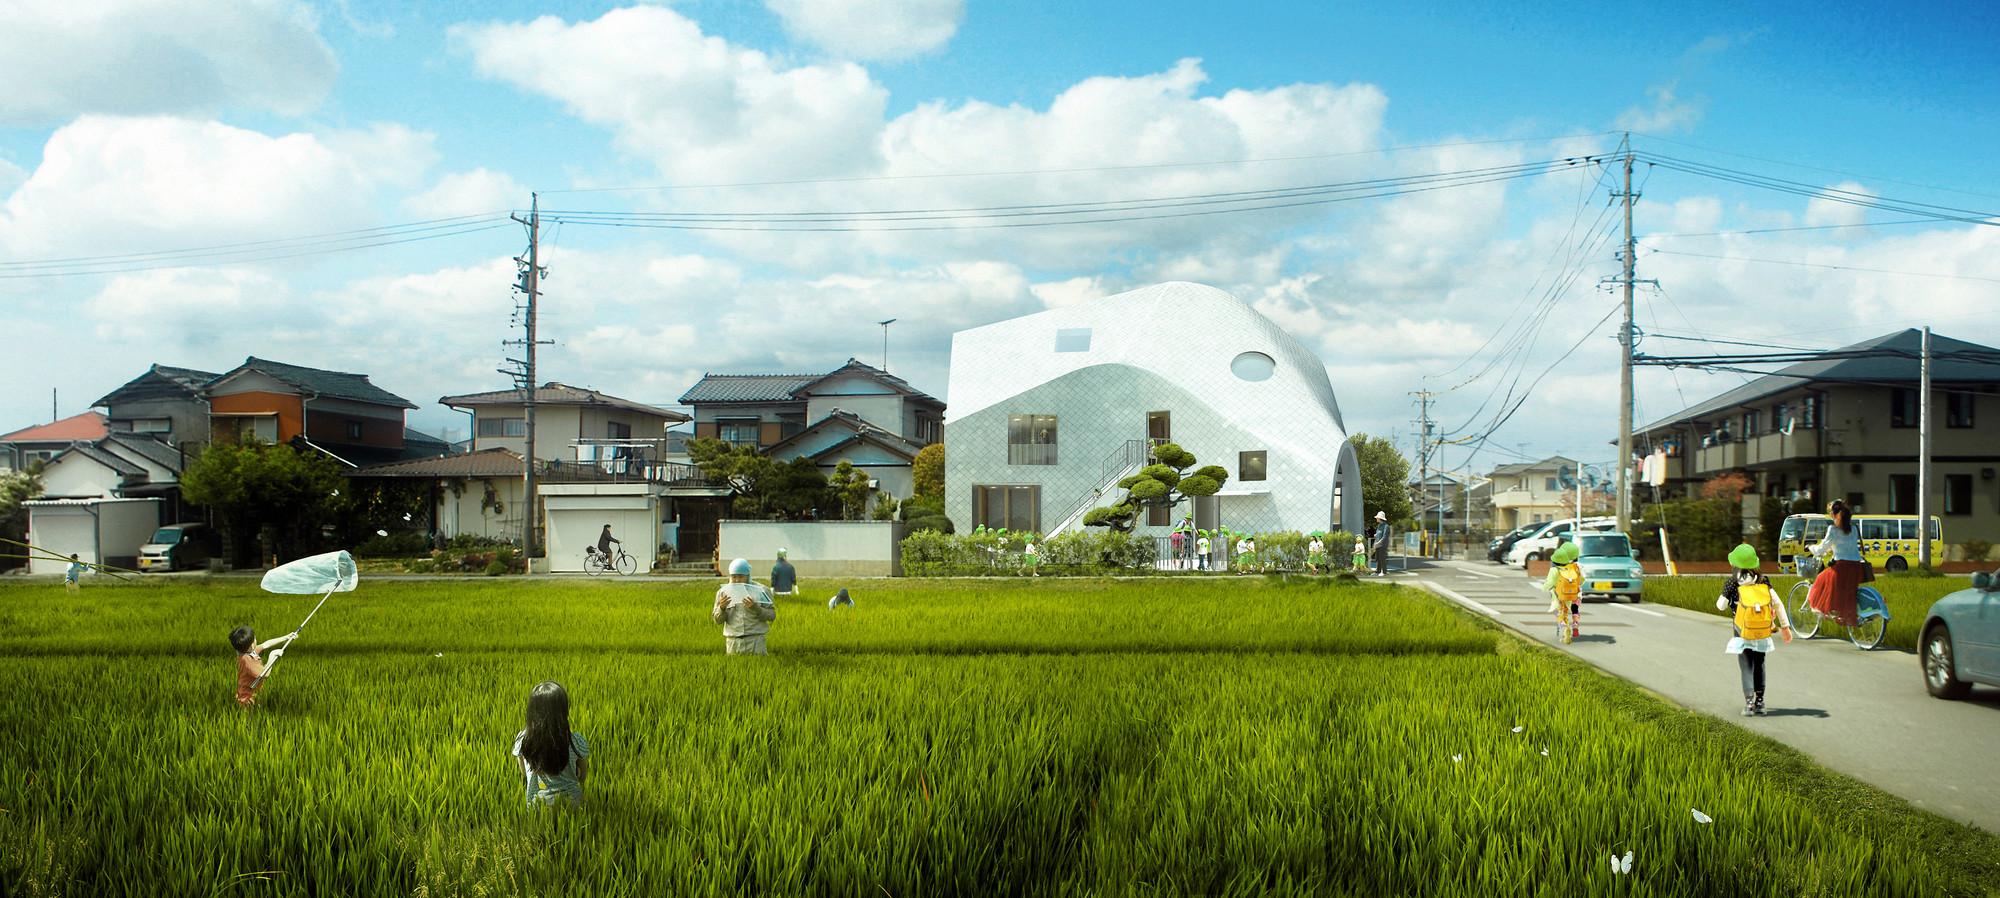 MAD transforma una casa japonesa tradicional en un innovador jardín infantil, © MAD